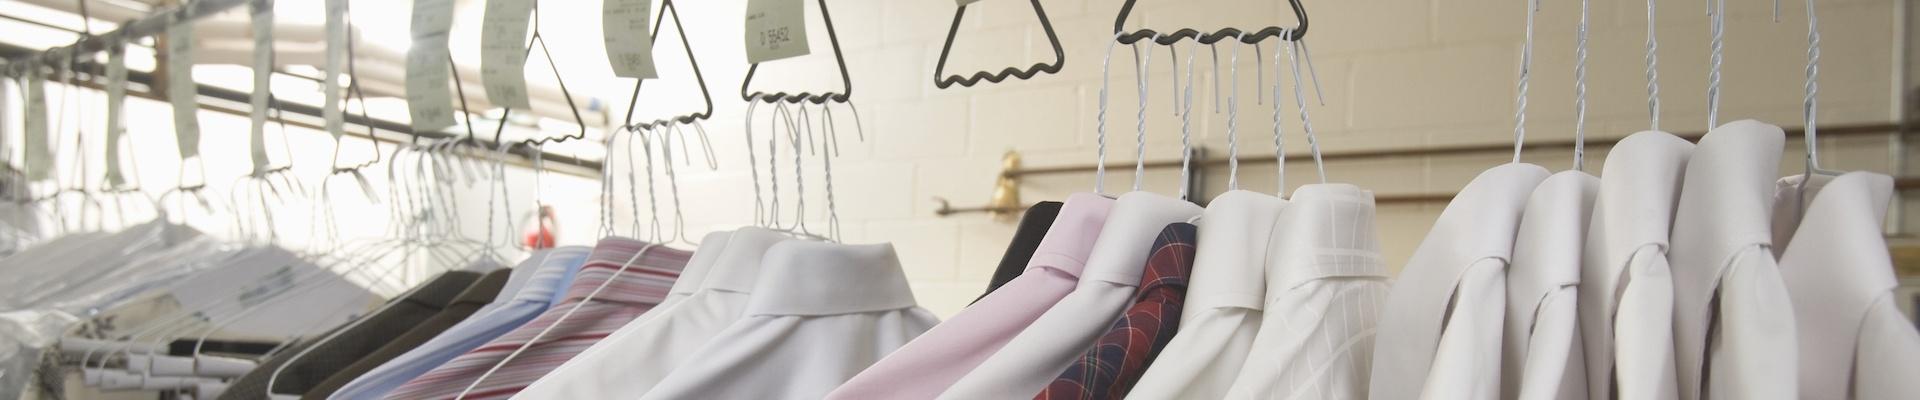 Дрехи на закачалки (снимка)